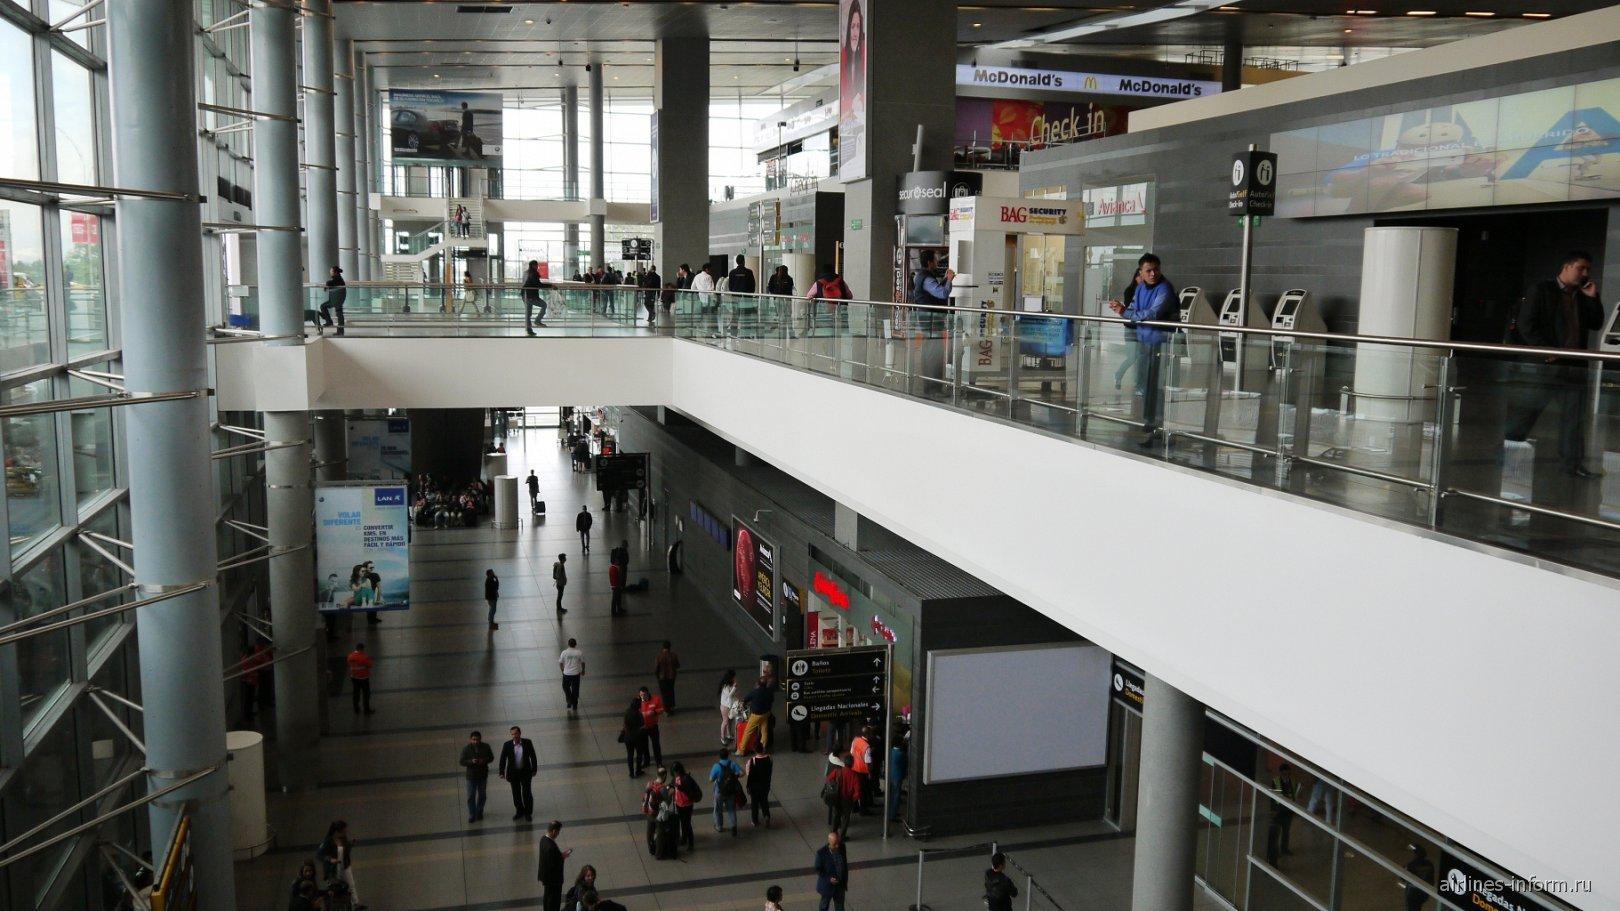 В терминале внутренних рейсов аэропорта Богота Эльдорадо